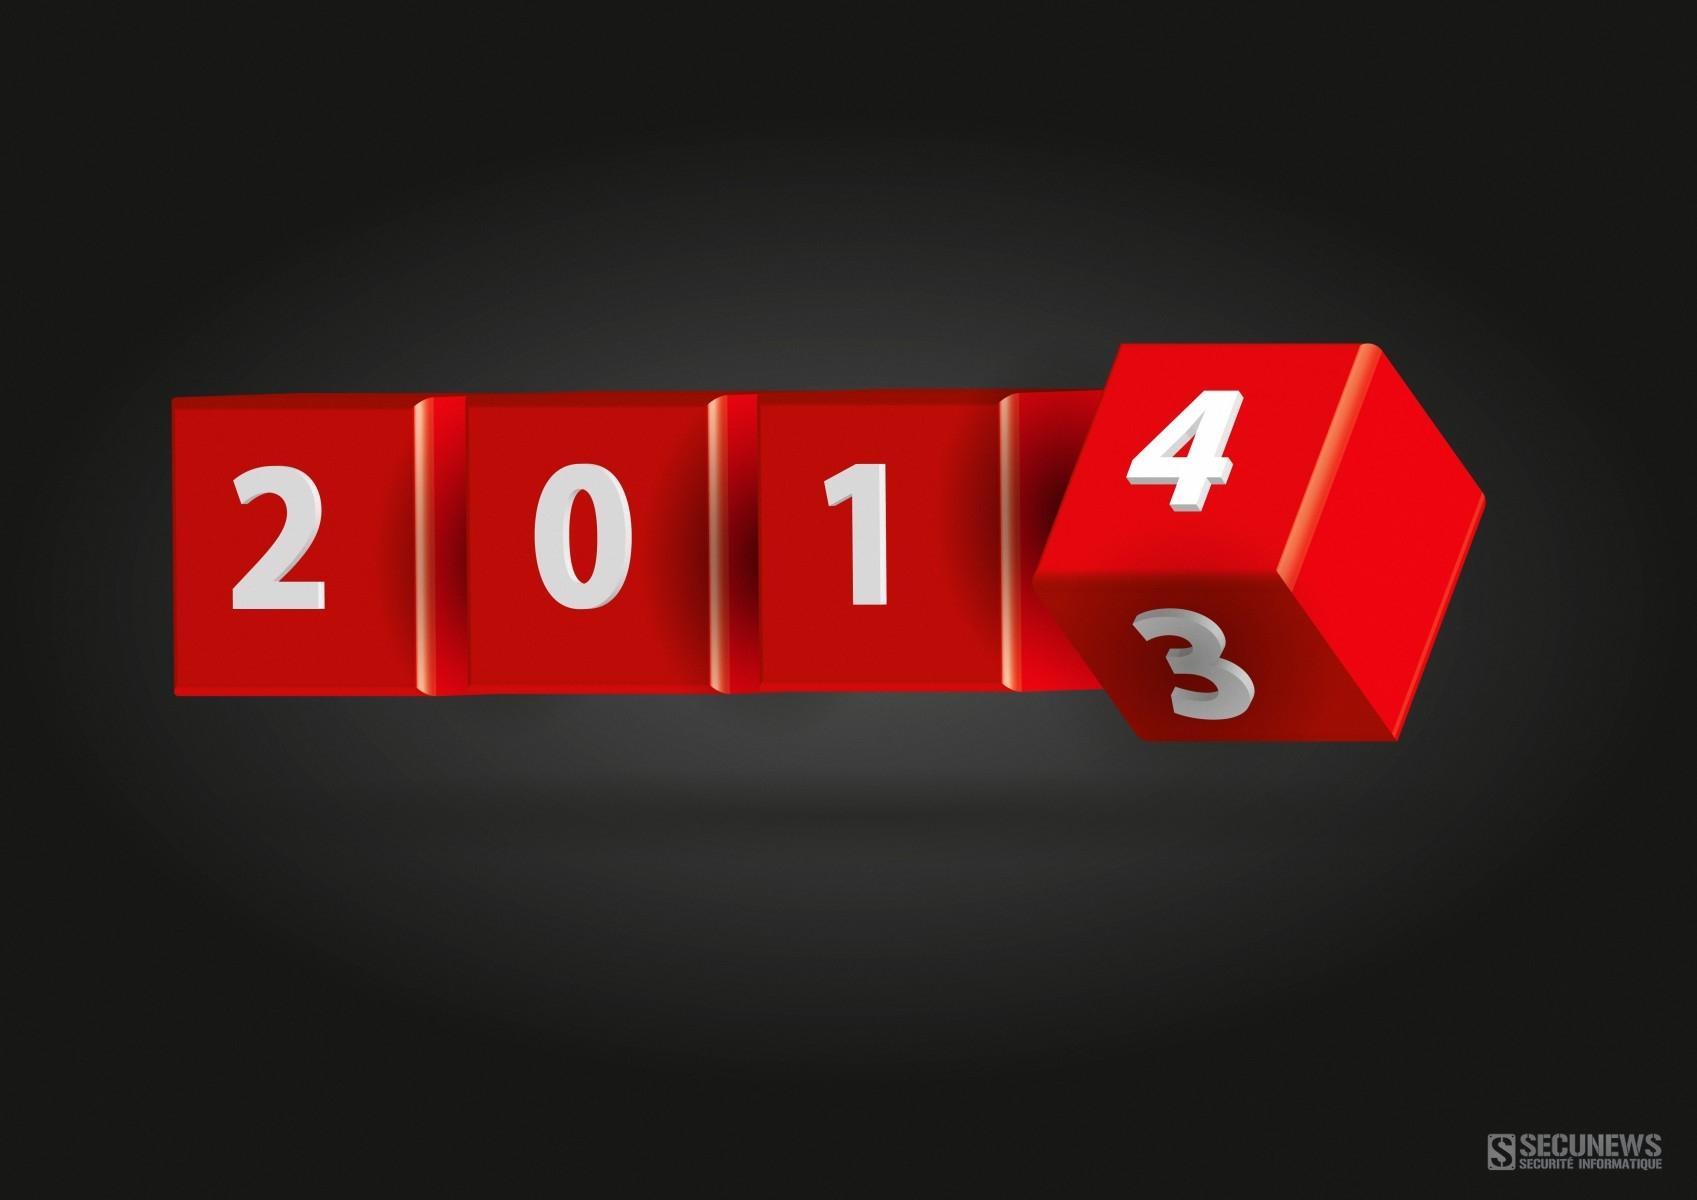 Bon réveillon 2013-2014